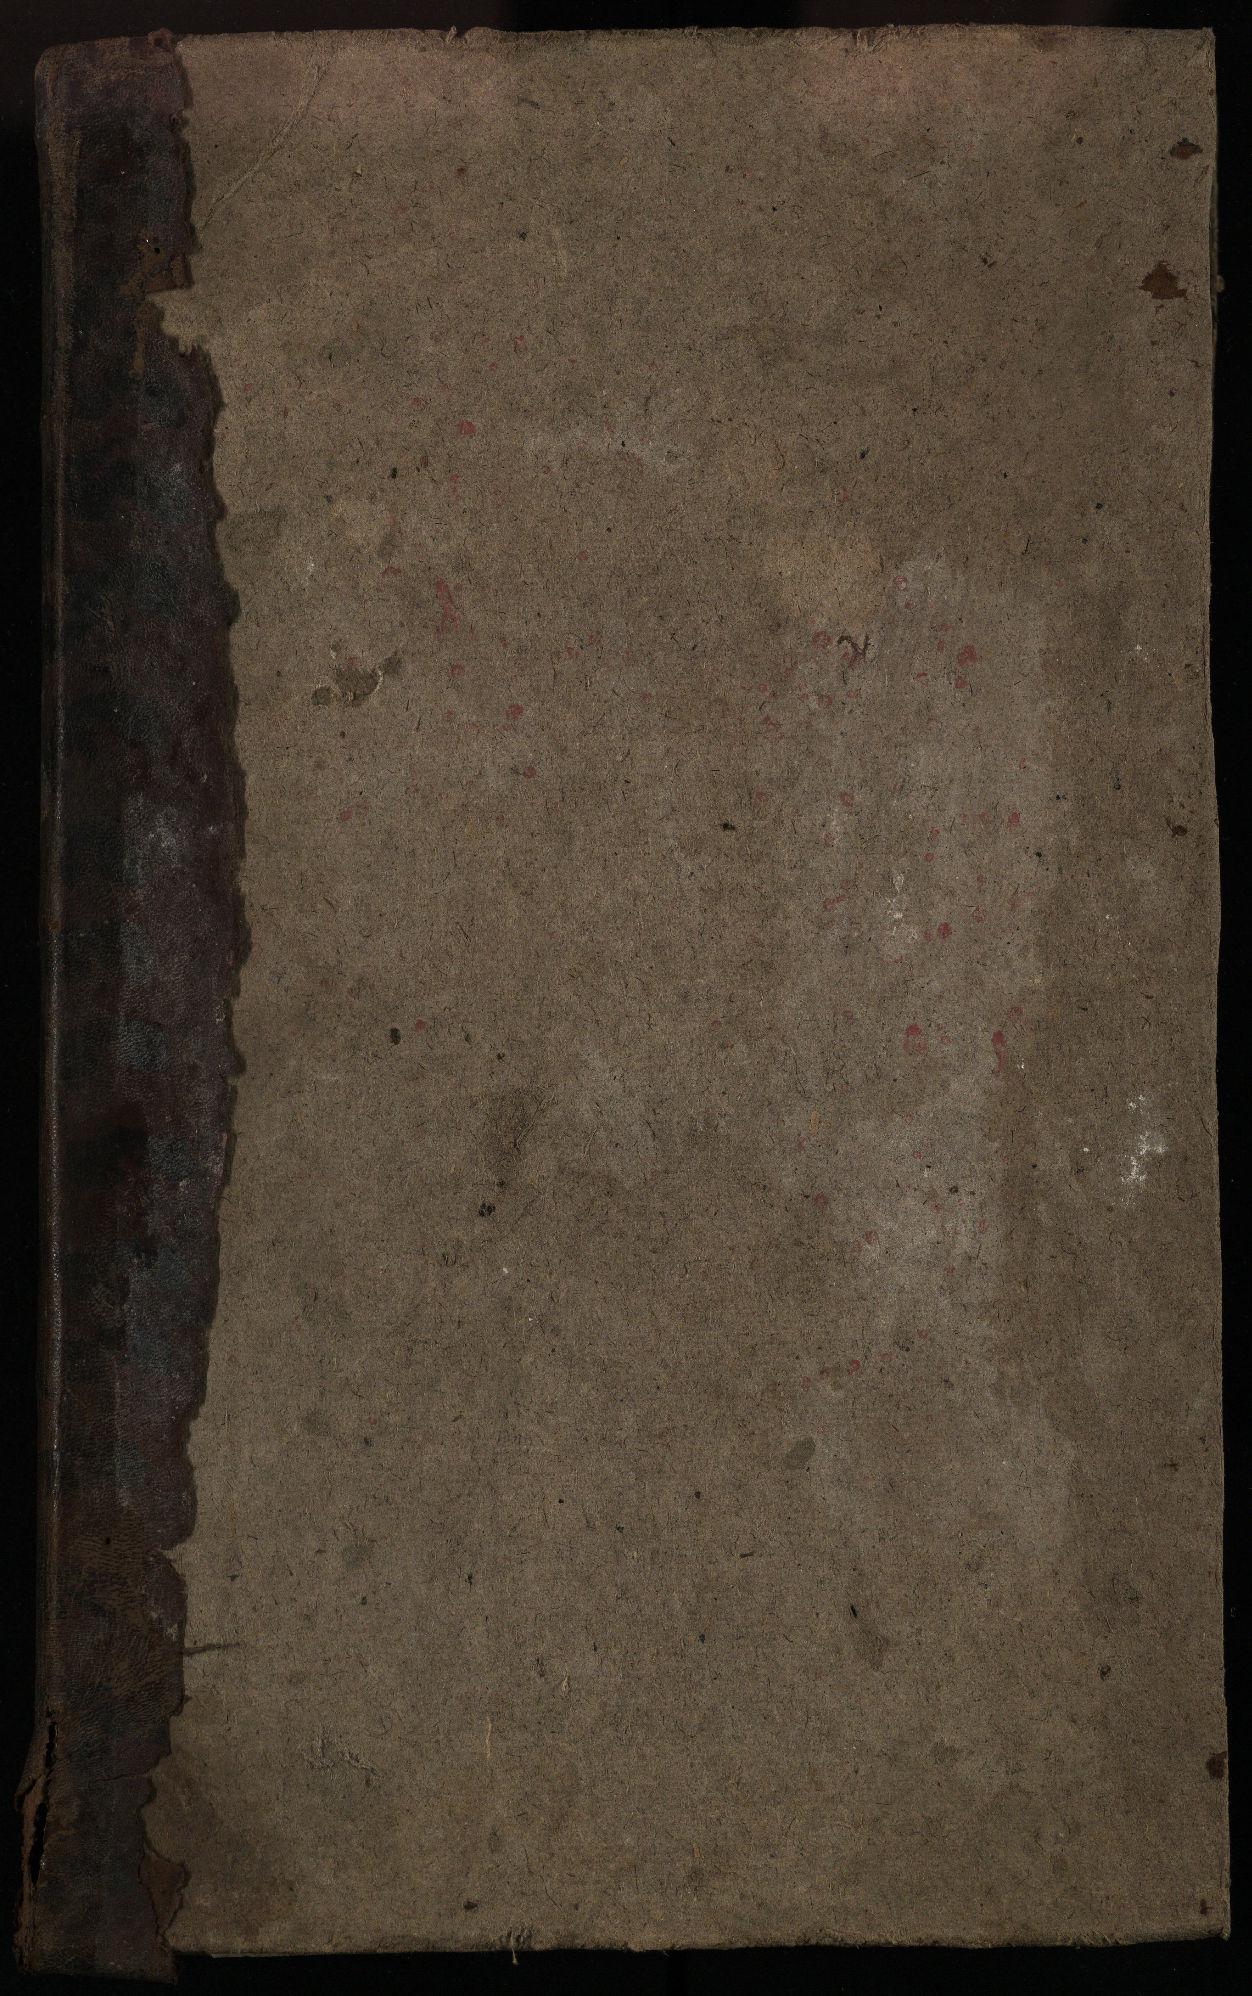 Pasvalio Romos katalikų parapijos bažnyčios 1849–1859 metų priešjungtuvinės apklausos knyga